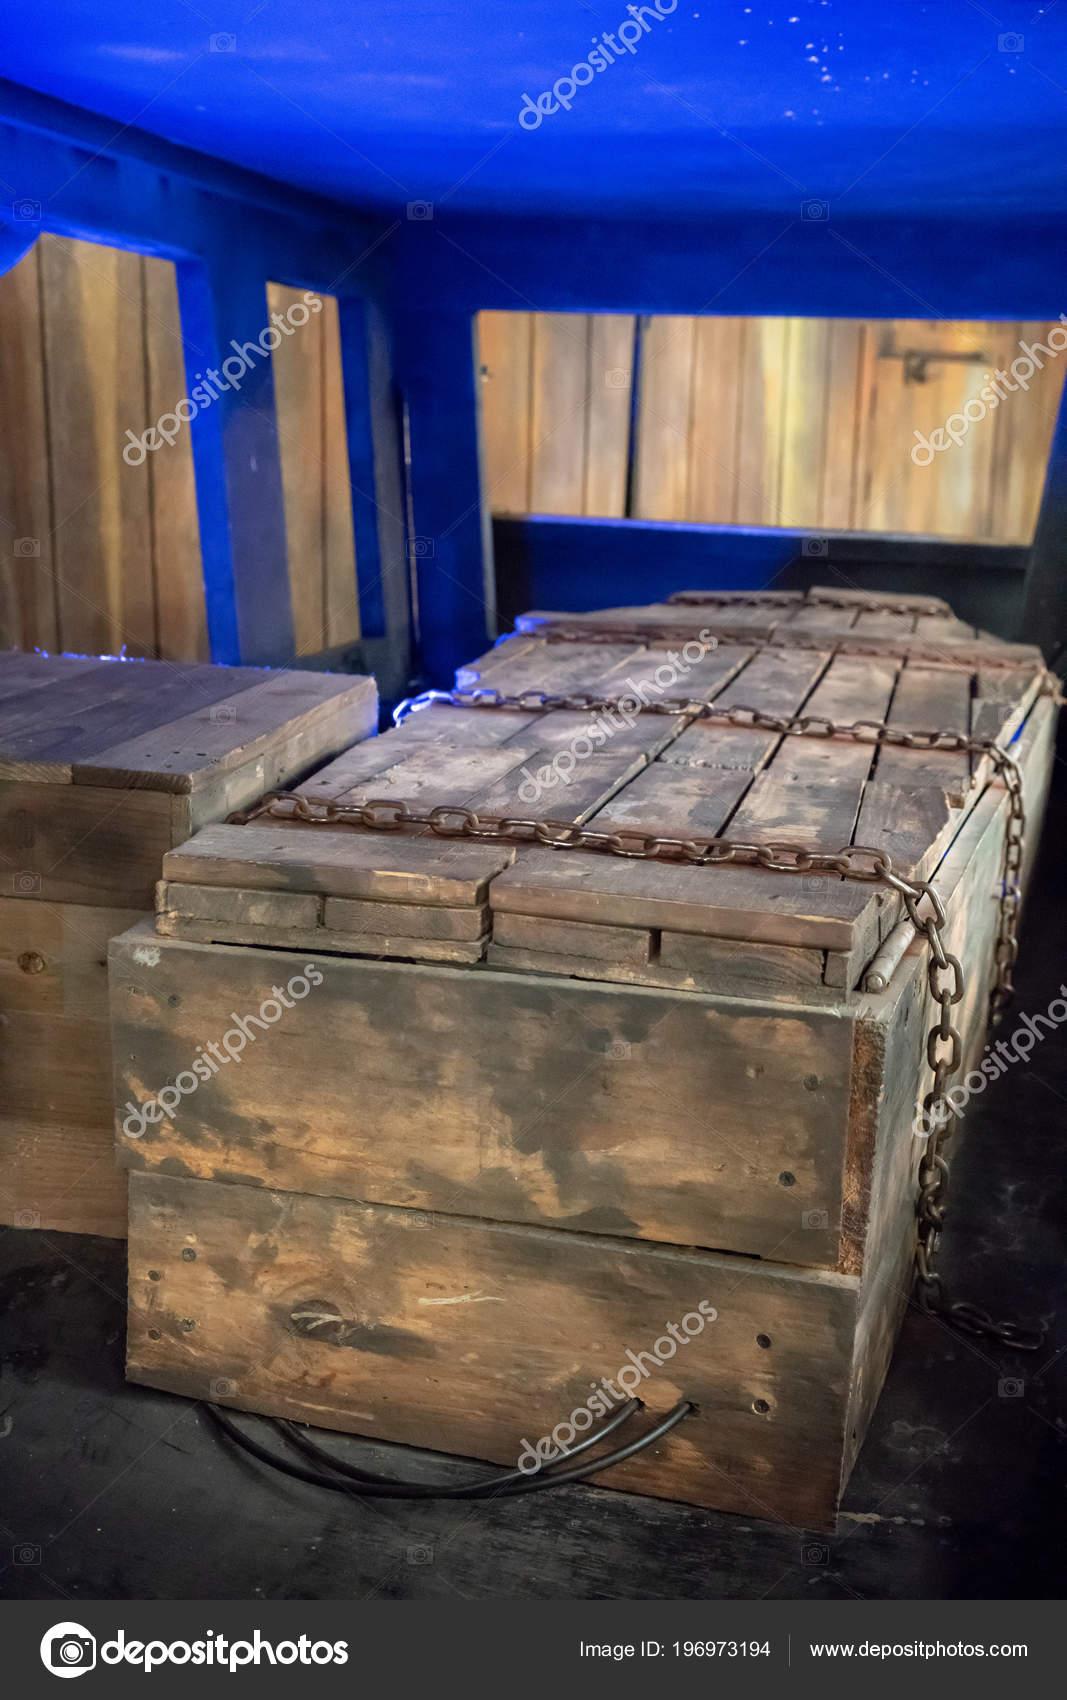 cercueil bois ancien avec chaînes métalliques rouillées nouée autour